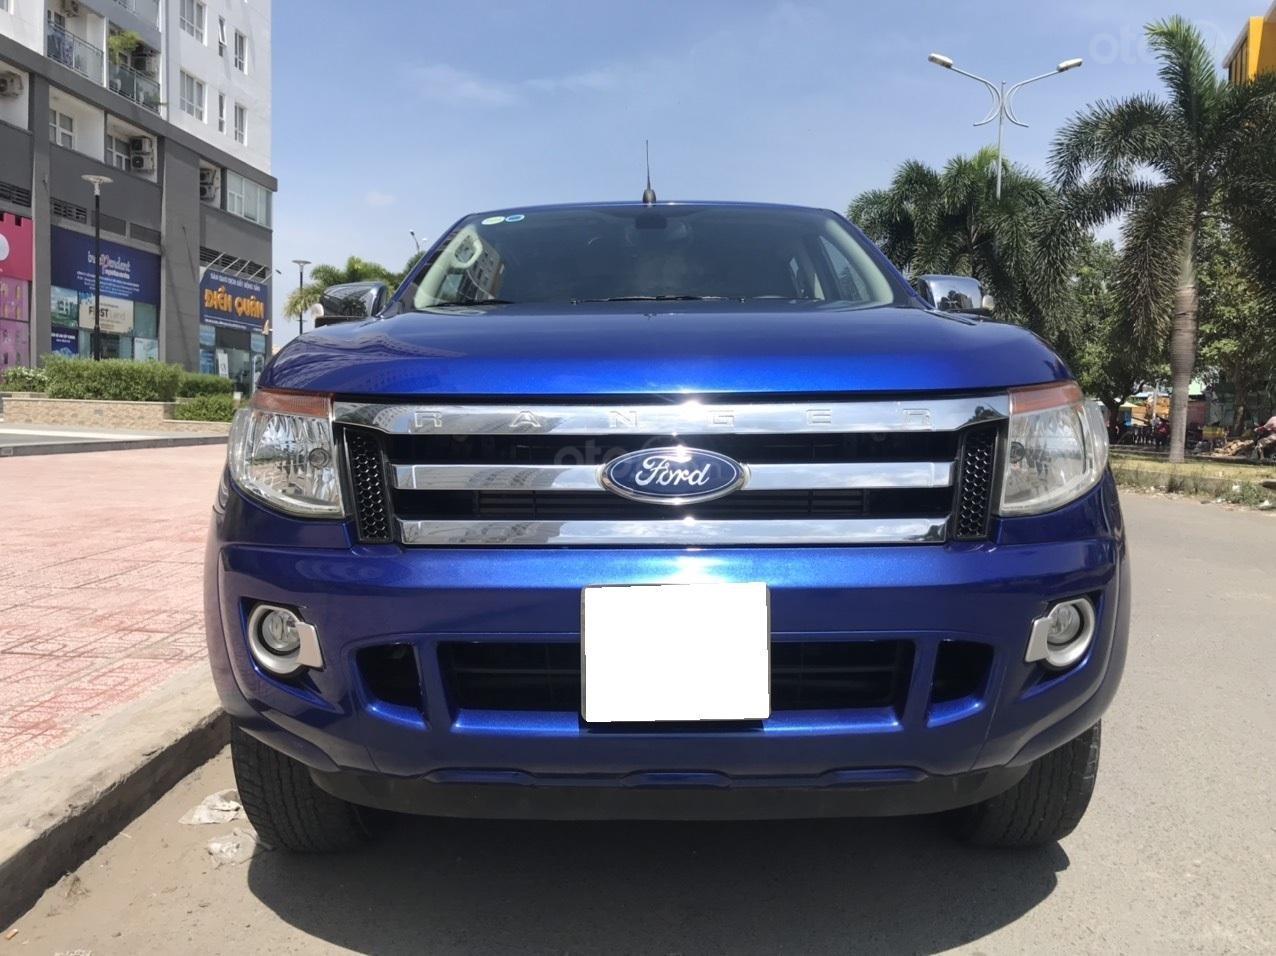 Cần bán Ford Ranger XLT MT 2.5L 2015, màu xanh lam, xe nhập, giá chỉ 485 triệu (2)